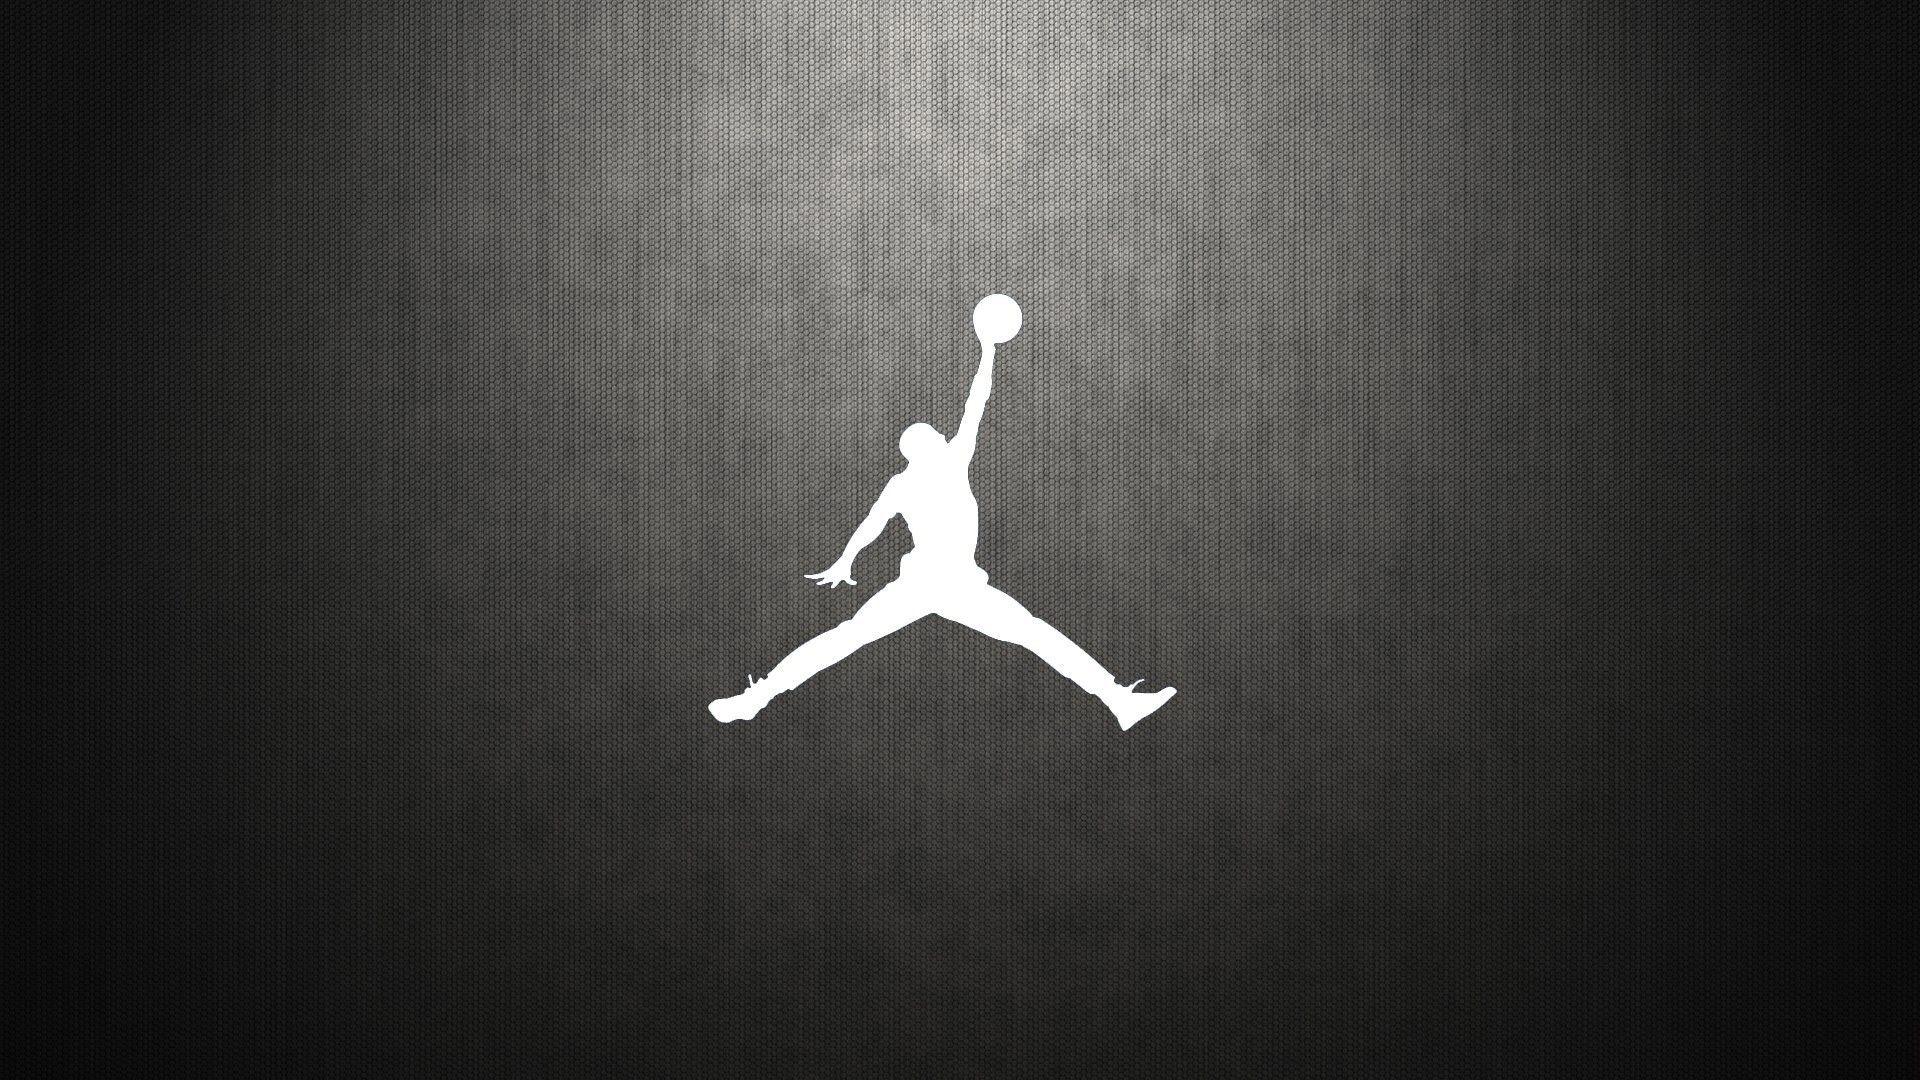 Wallpapers Basketball 2021 Basketball Wallpaper Jordan Logo Wallpaper Logo Wallpaper Hd Michael Jordan Wallpaper Iphone